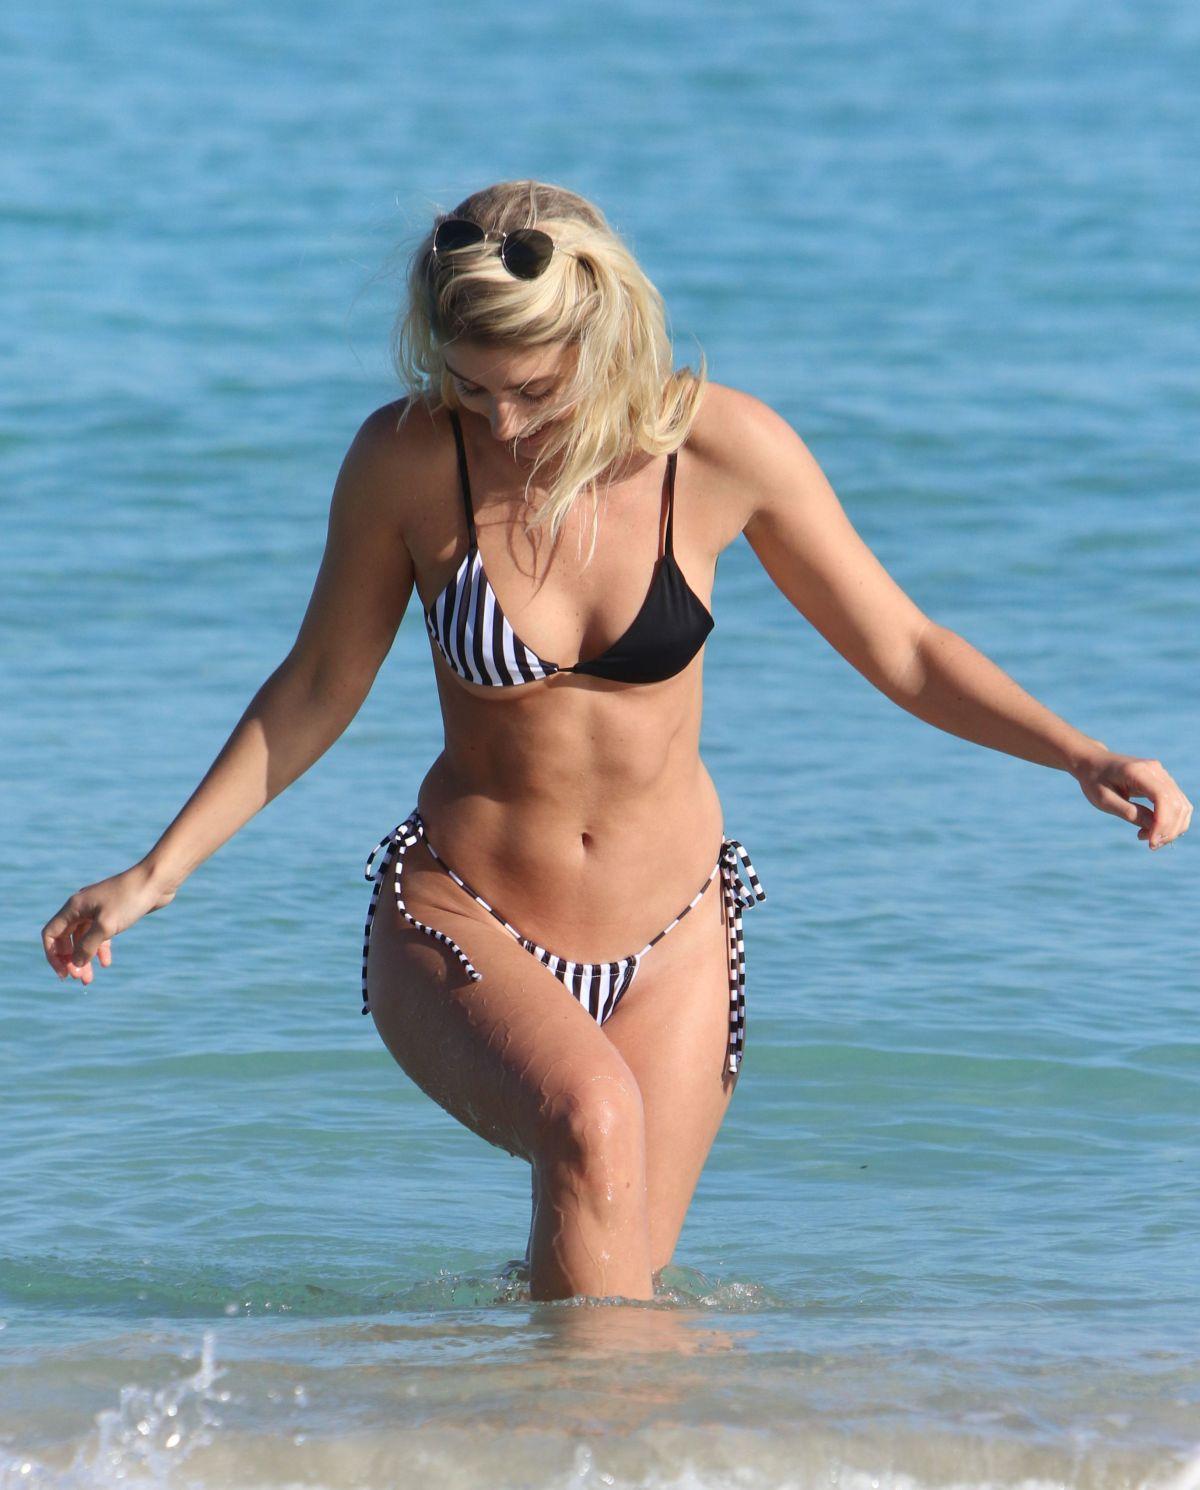 Bikini Jacquelyn Noelle nude (43 photo), Ass, Fappening, Feet, braless 2018